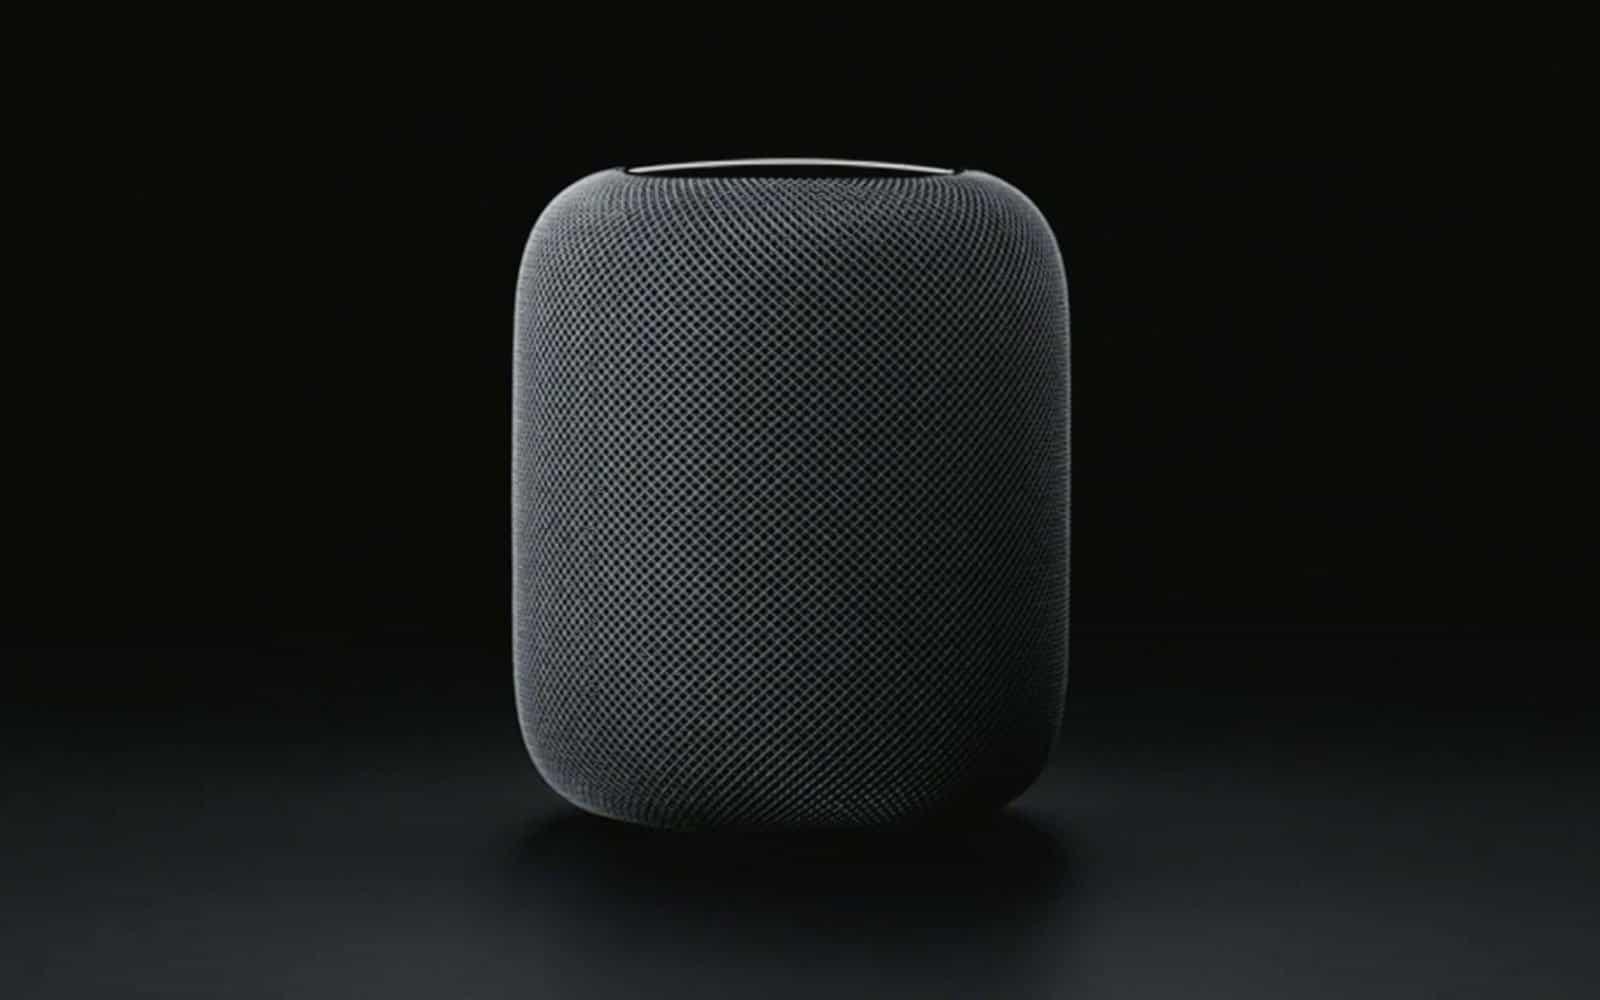 Release Apple HomePod loopt vertraging op